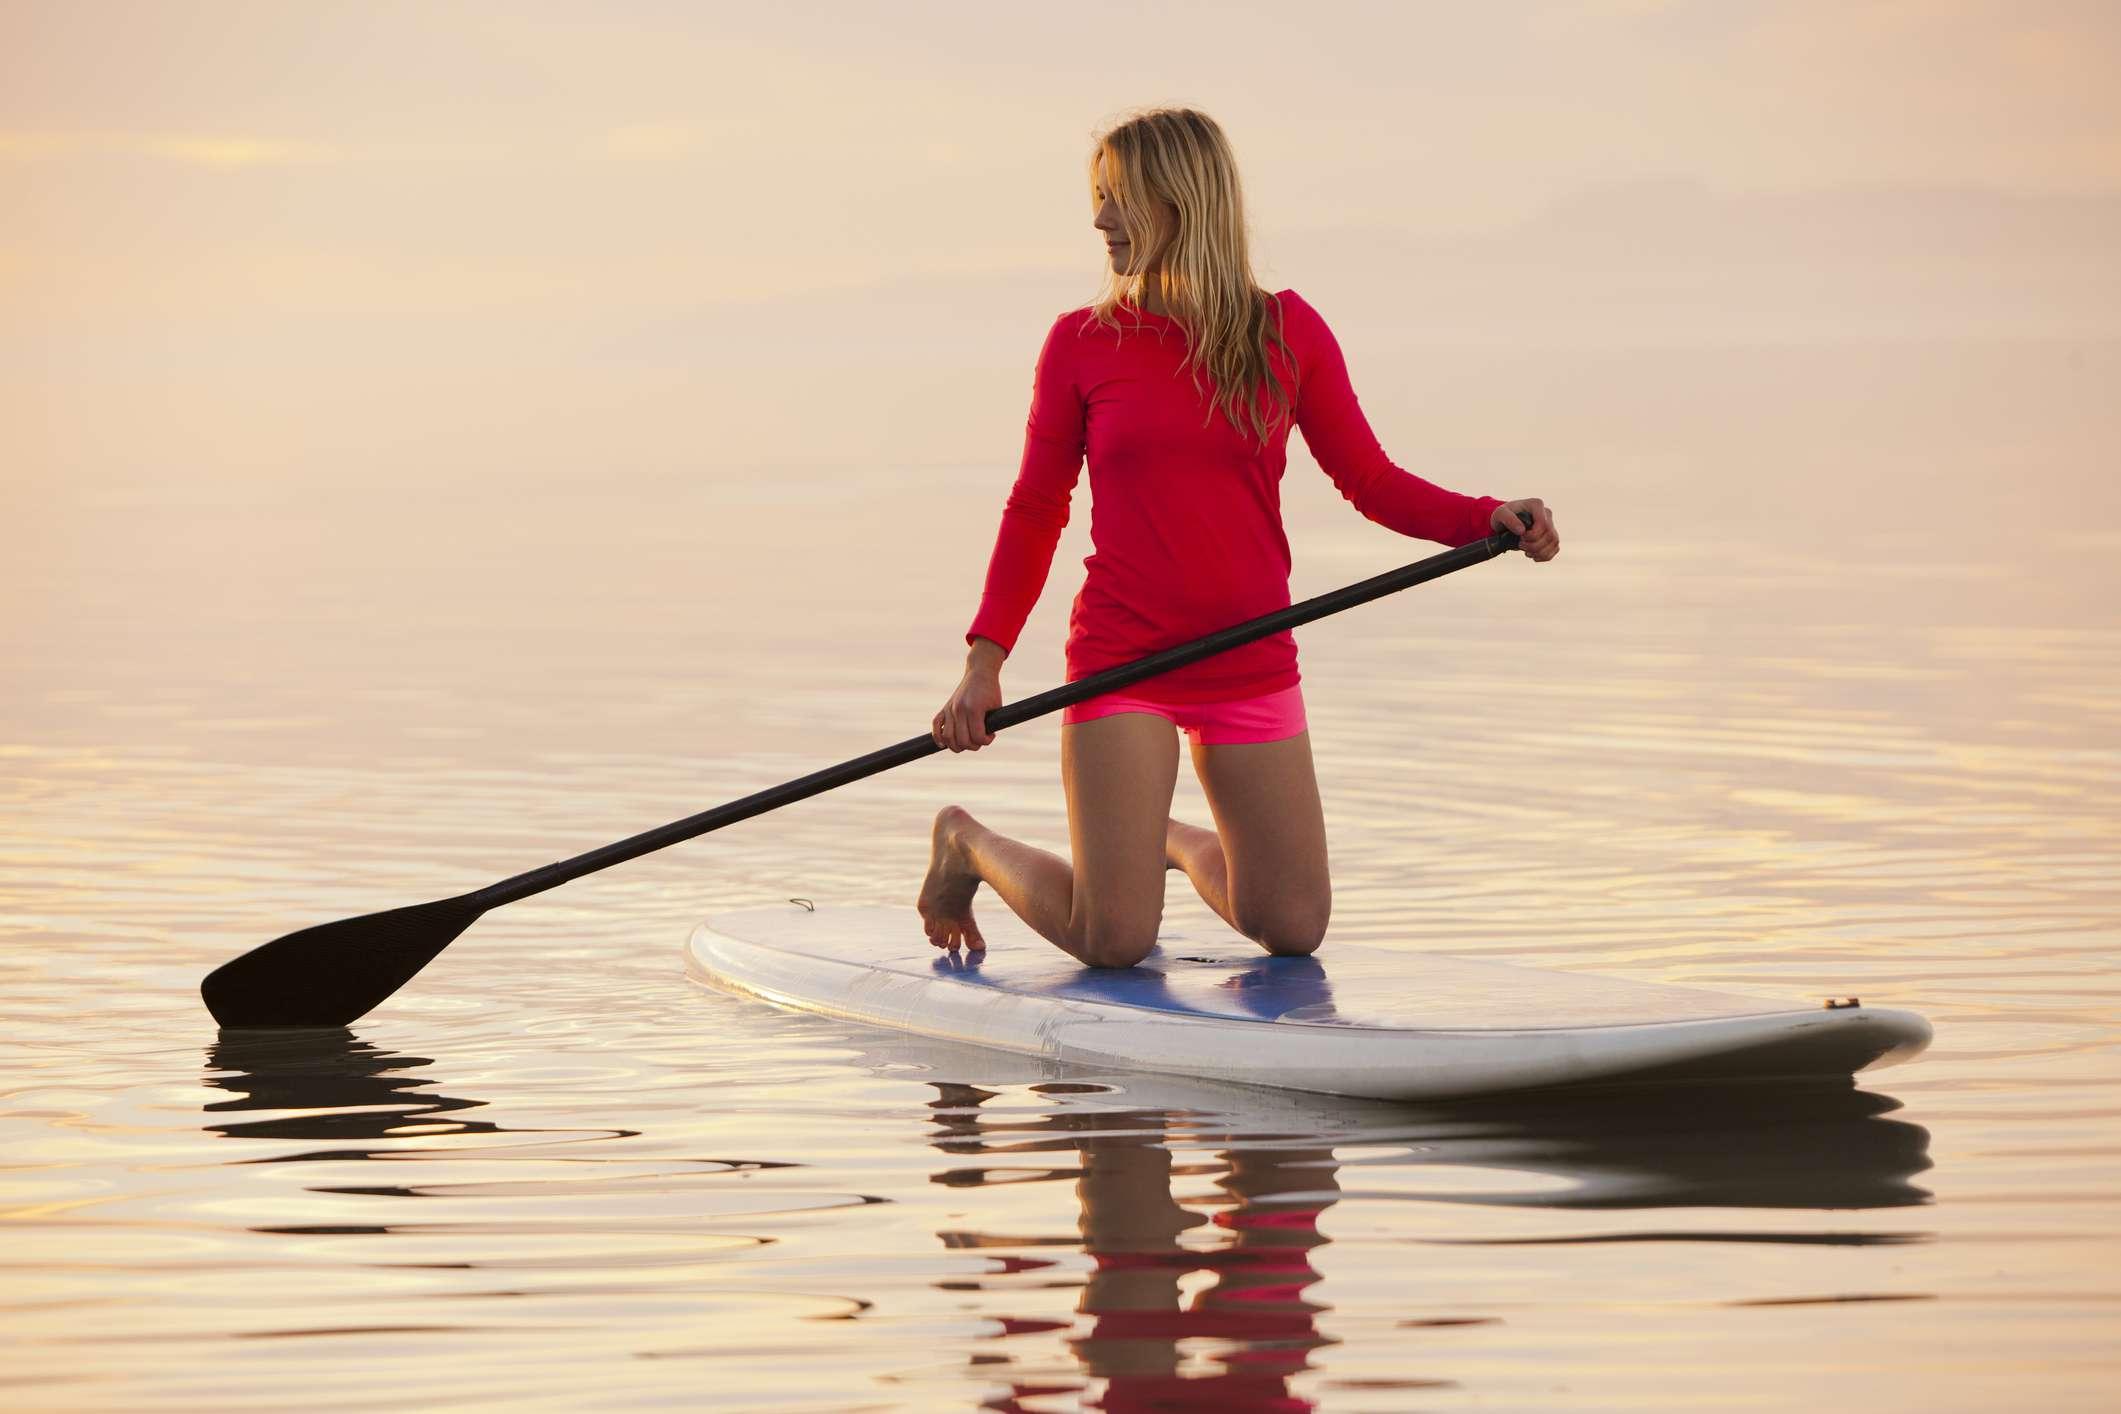 Mujer arrodillada sobre paddleboard